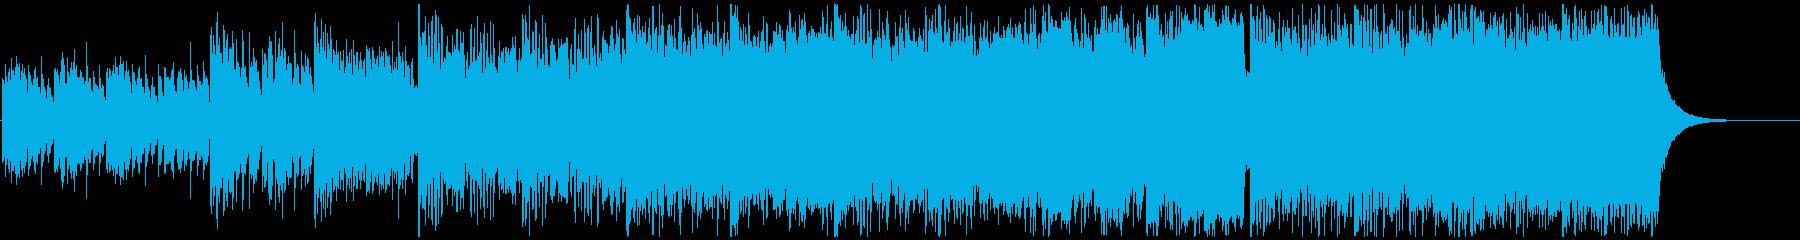 クラシック「ガヴォット」EDMバージョンの再生済みの波形